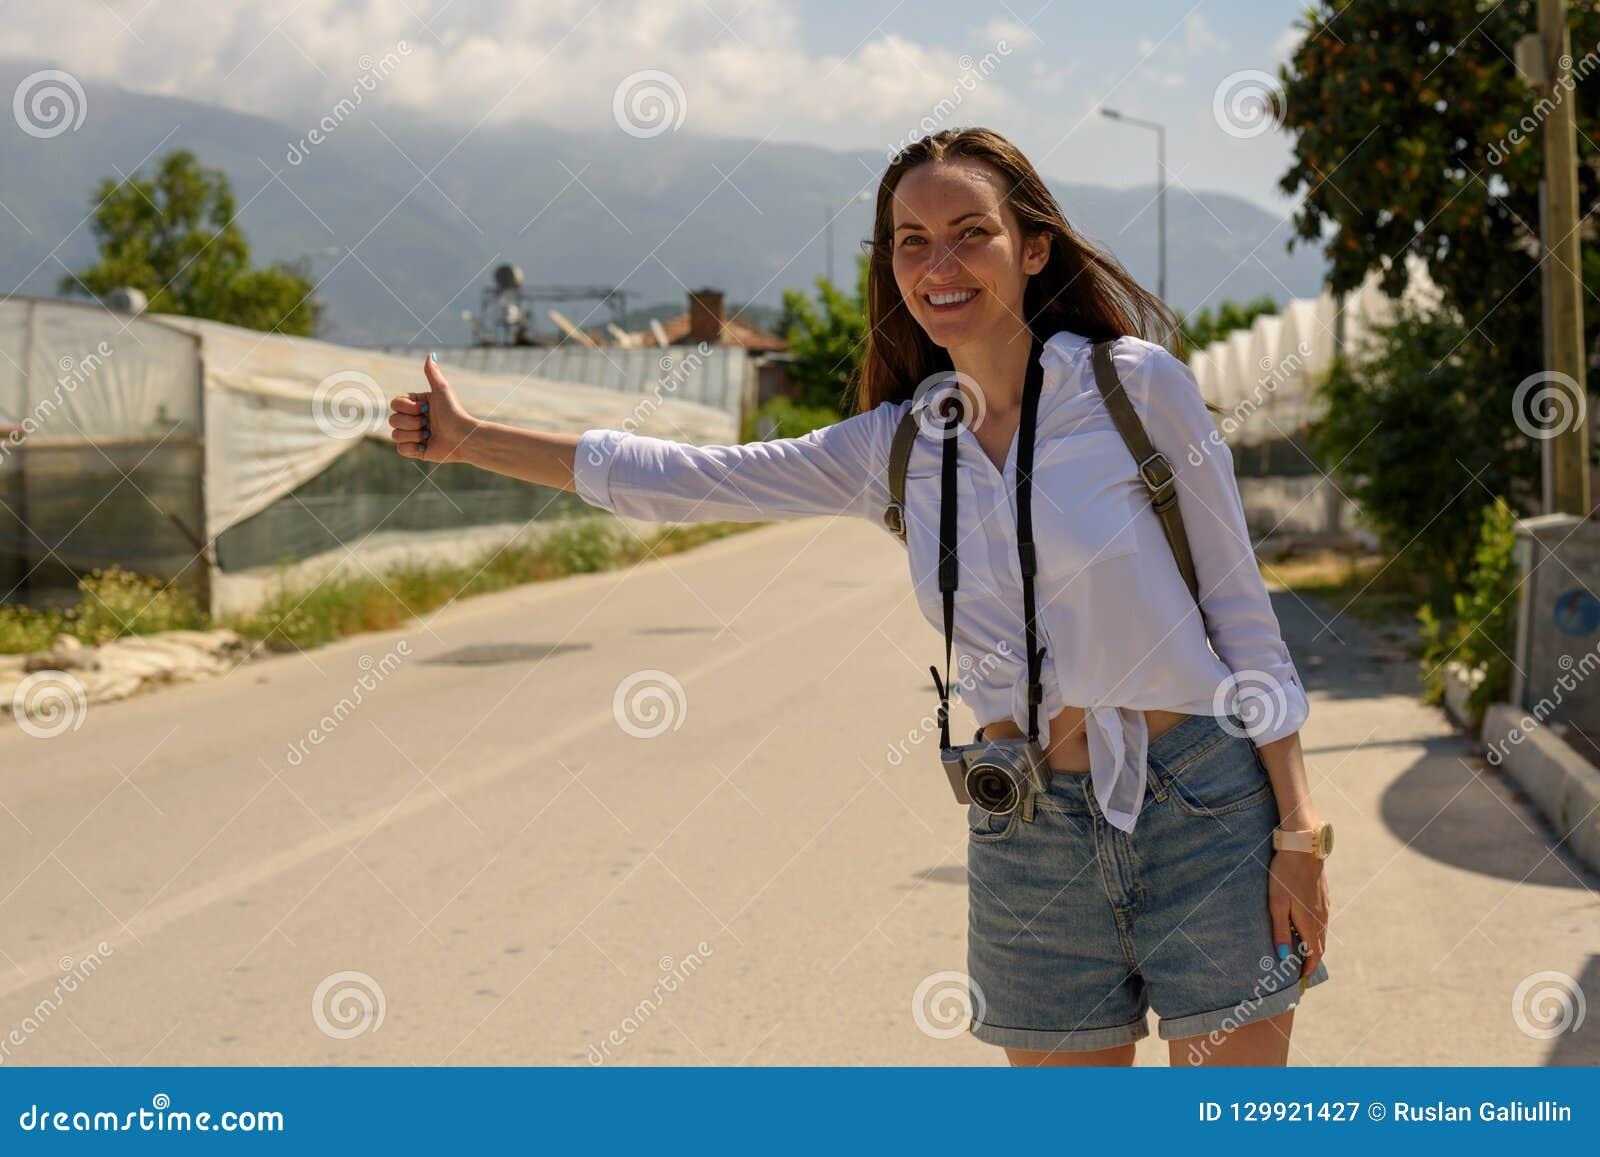 En kvinna på sidan av vägen fångar en övergående bil som liftar